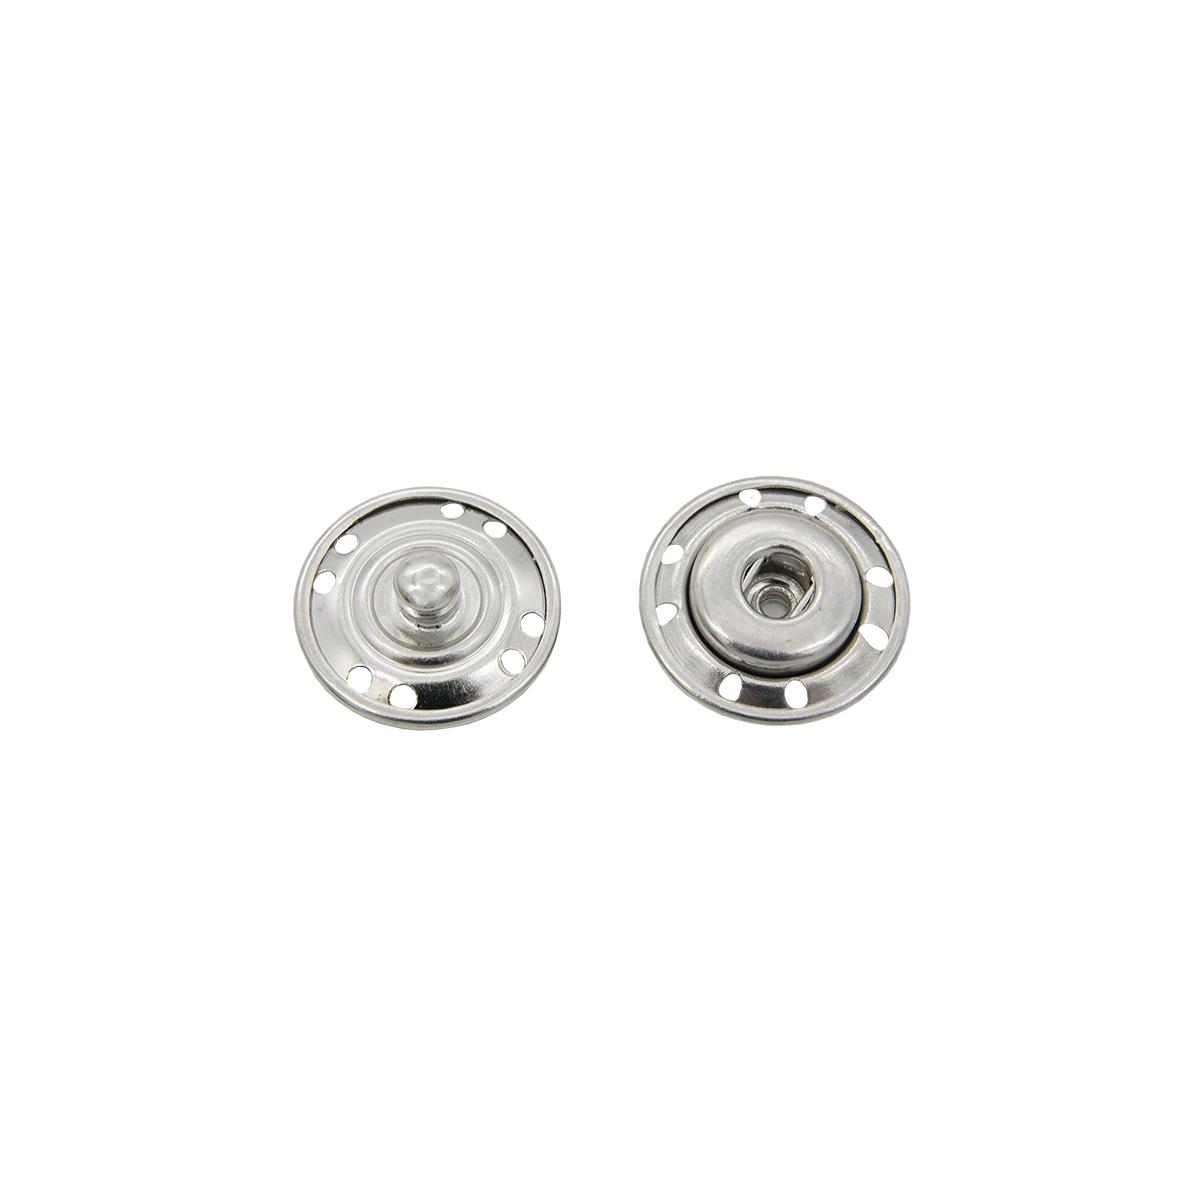 Кнопка пришивная d=16 мм 95114/15, никель упаковка, 4 шт., Hobby&Pro